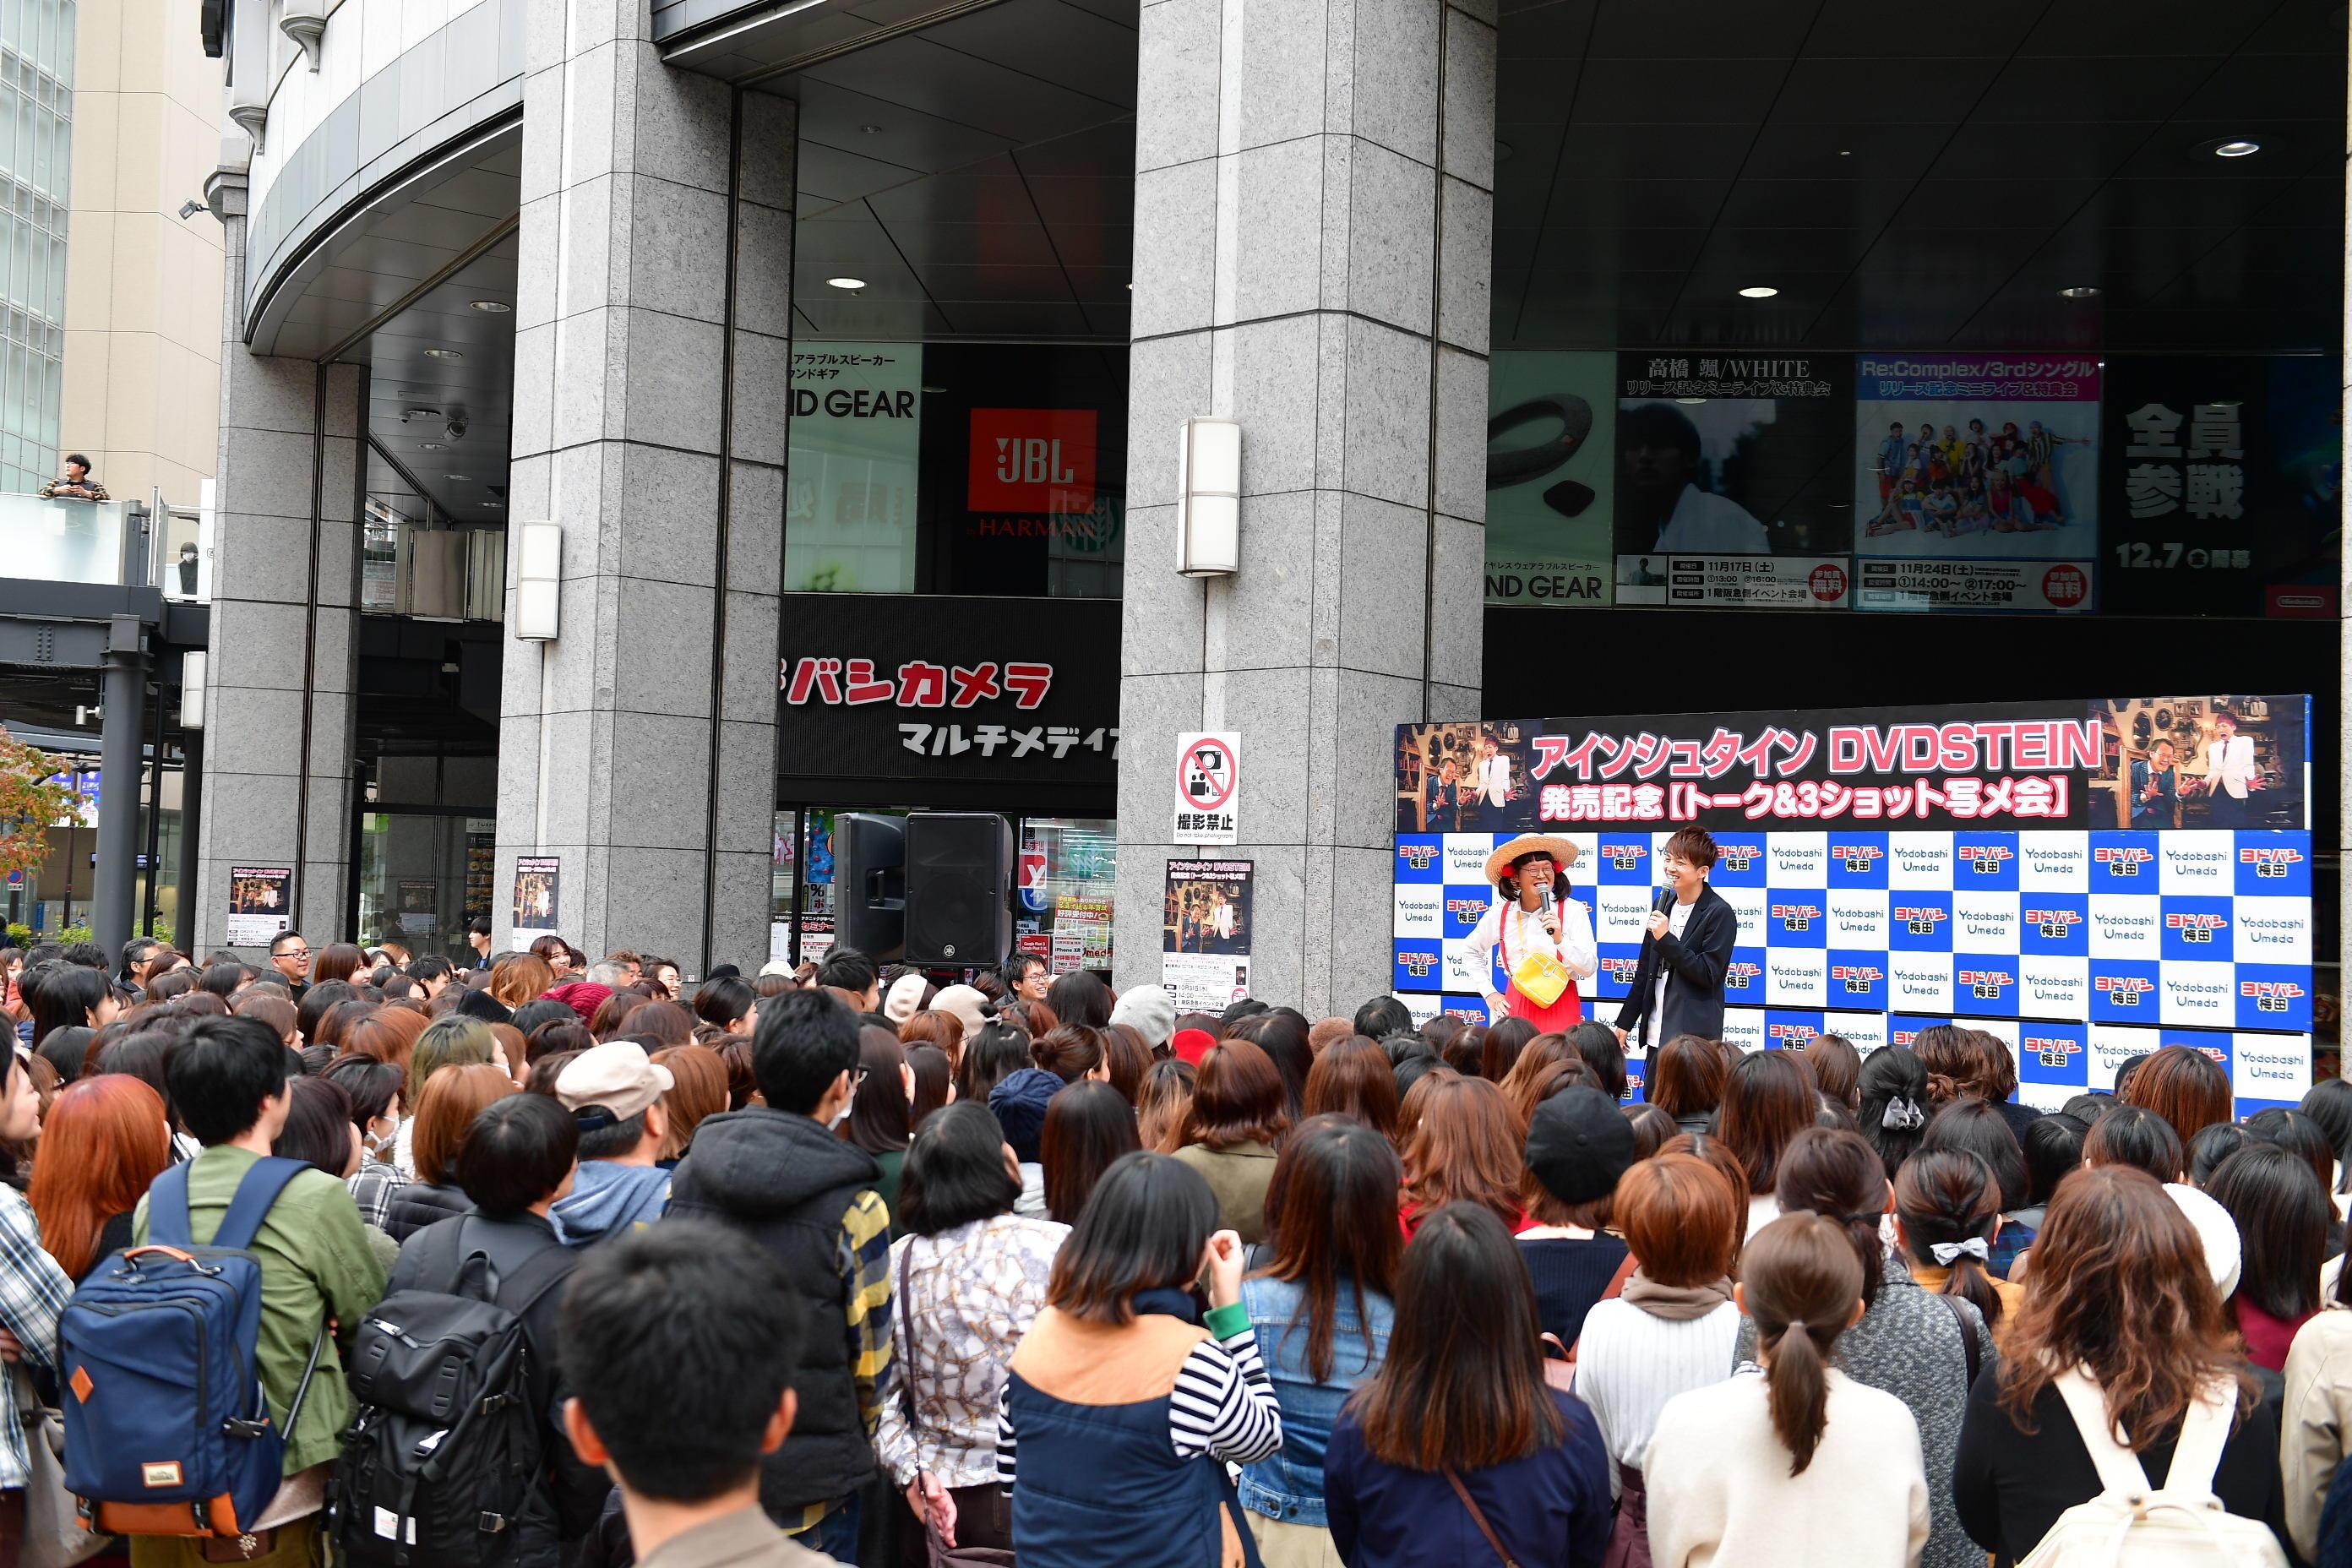 http://news.yoshimoto.co.jp/20181031212149-d9db2c5c80f704f24a93c232d84195be56c3ebab.jpg